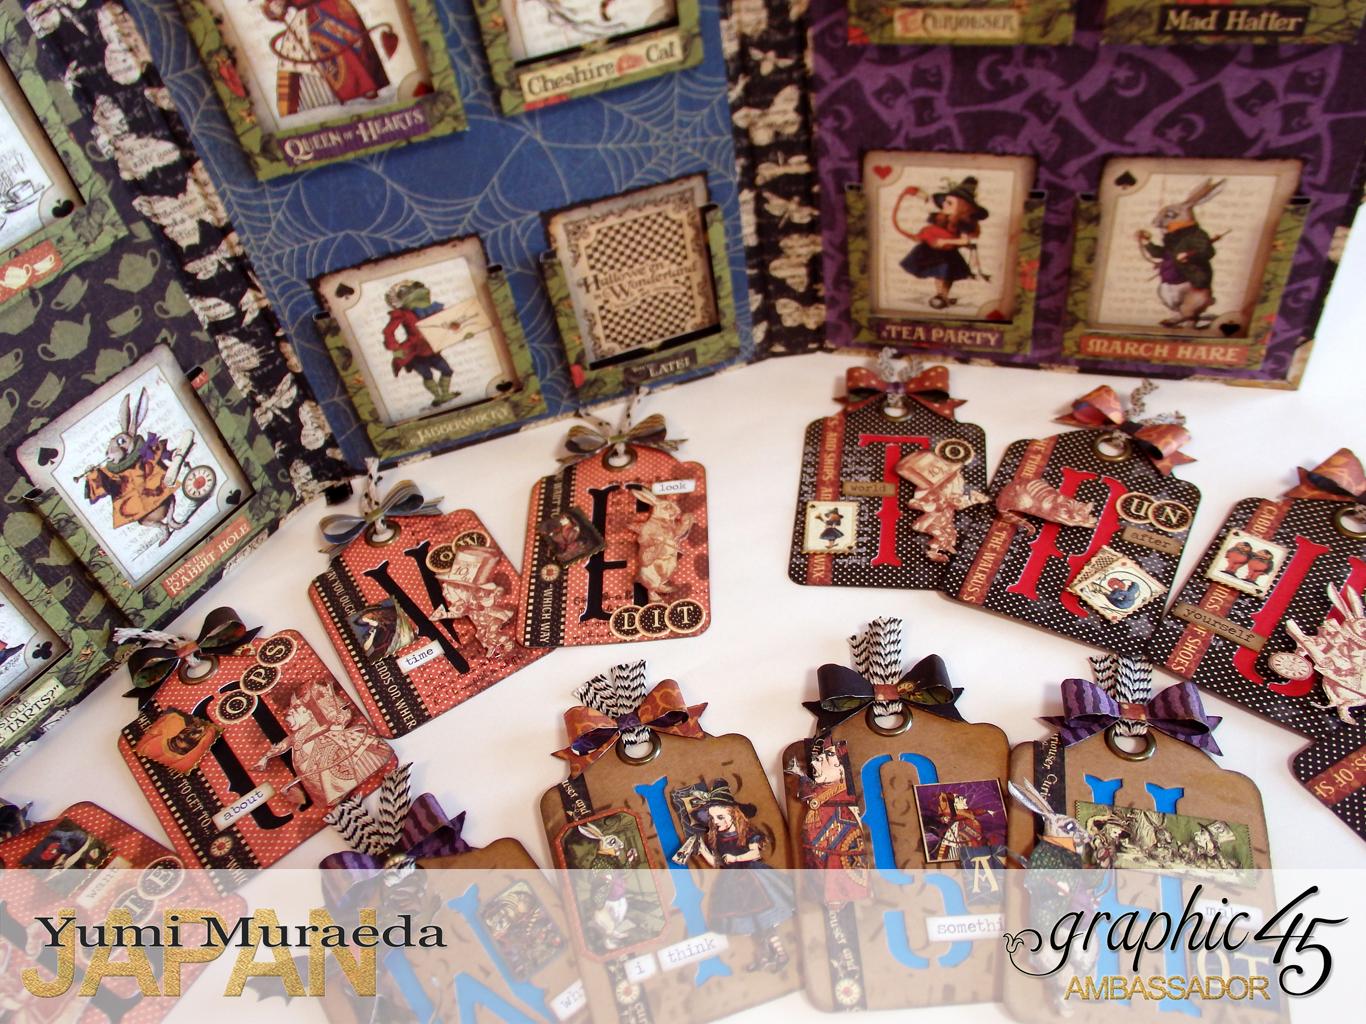 15ATCWonderlandHallowe'enin Wonderland by Yumi MuraeadaProduct by Graphic 45